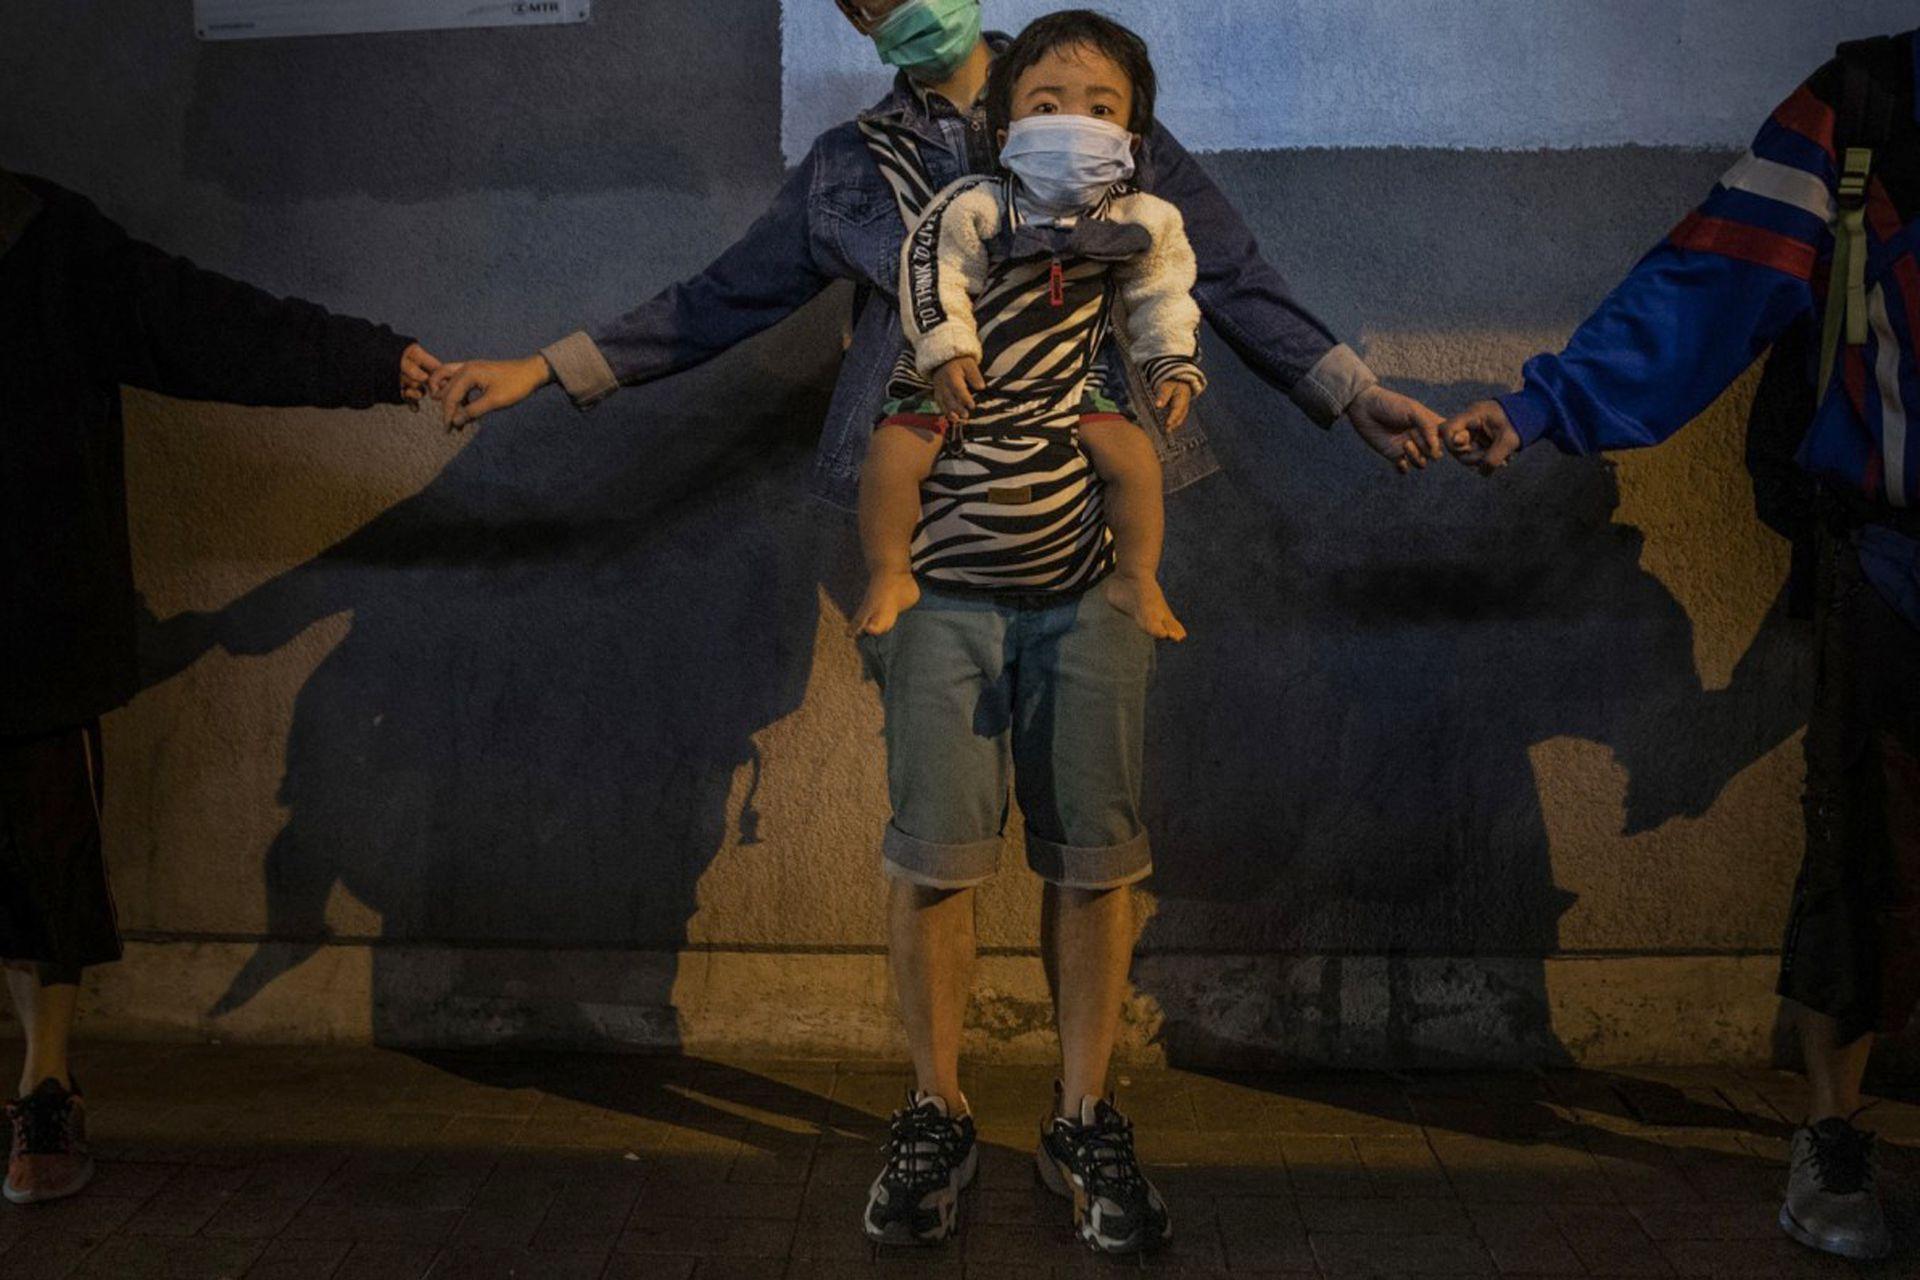 Un hombre carga a un niño mientras forma una cadena humana de solidaridad en Kowloon Bay, Hong Kong